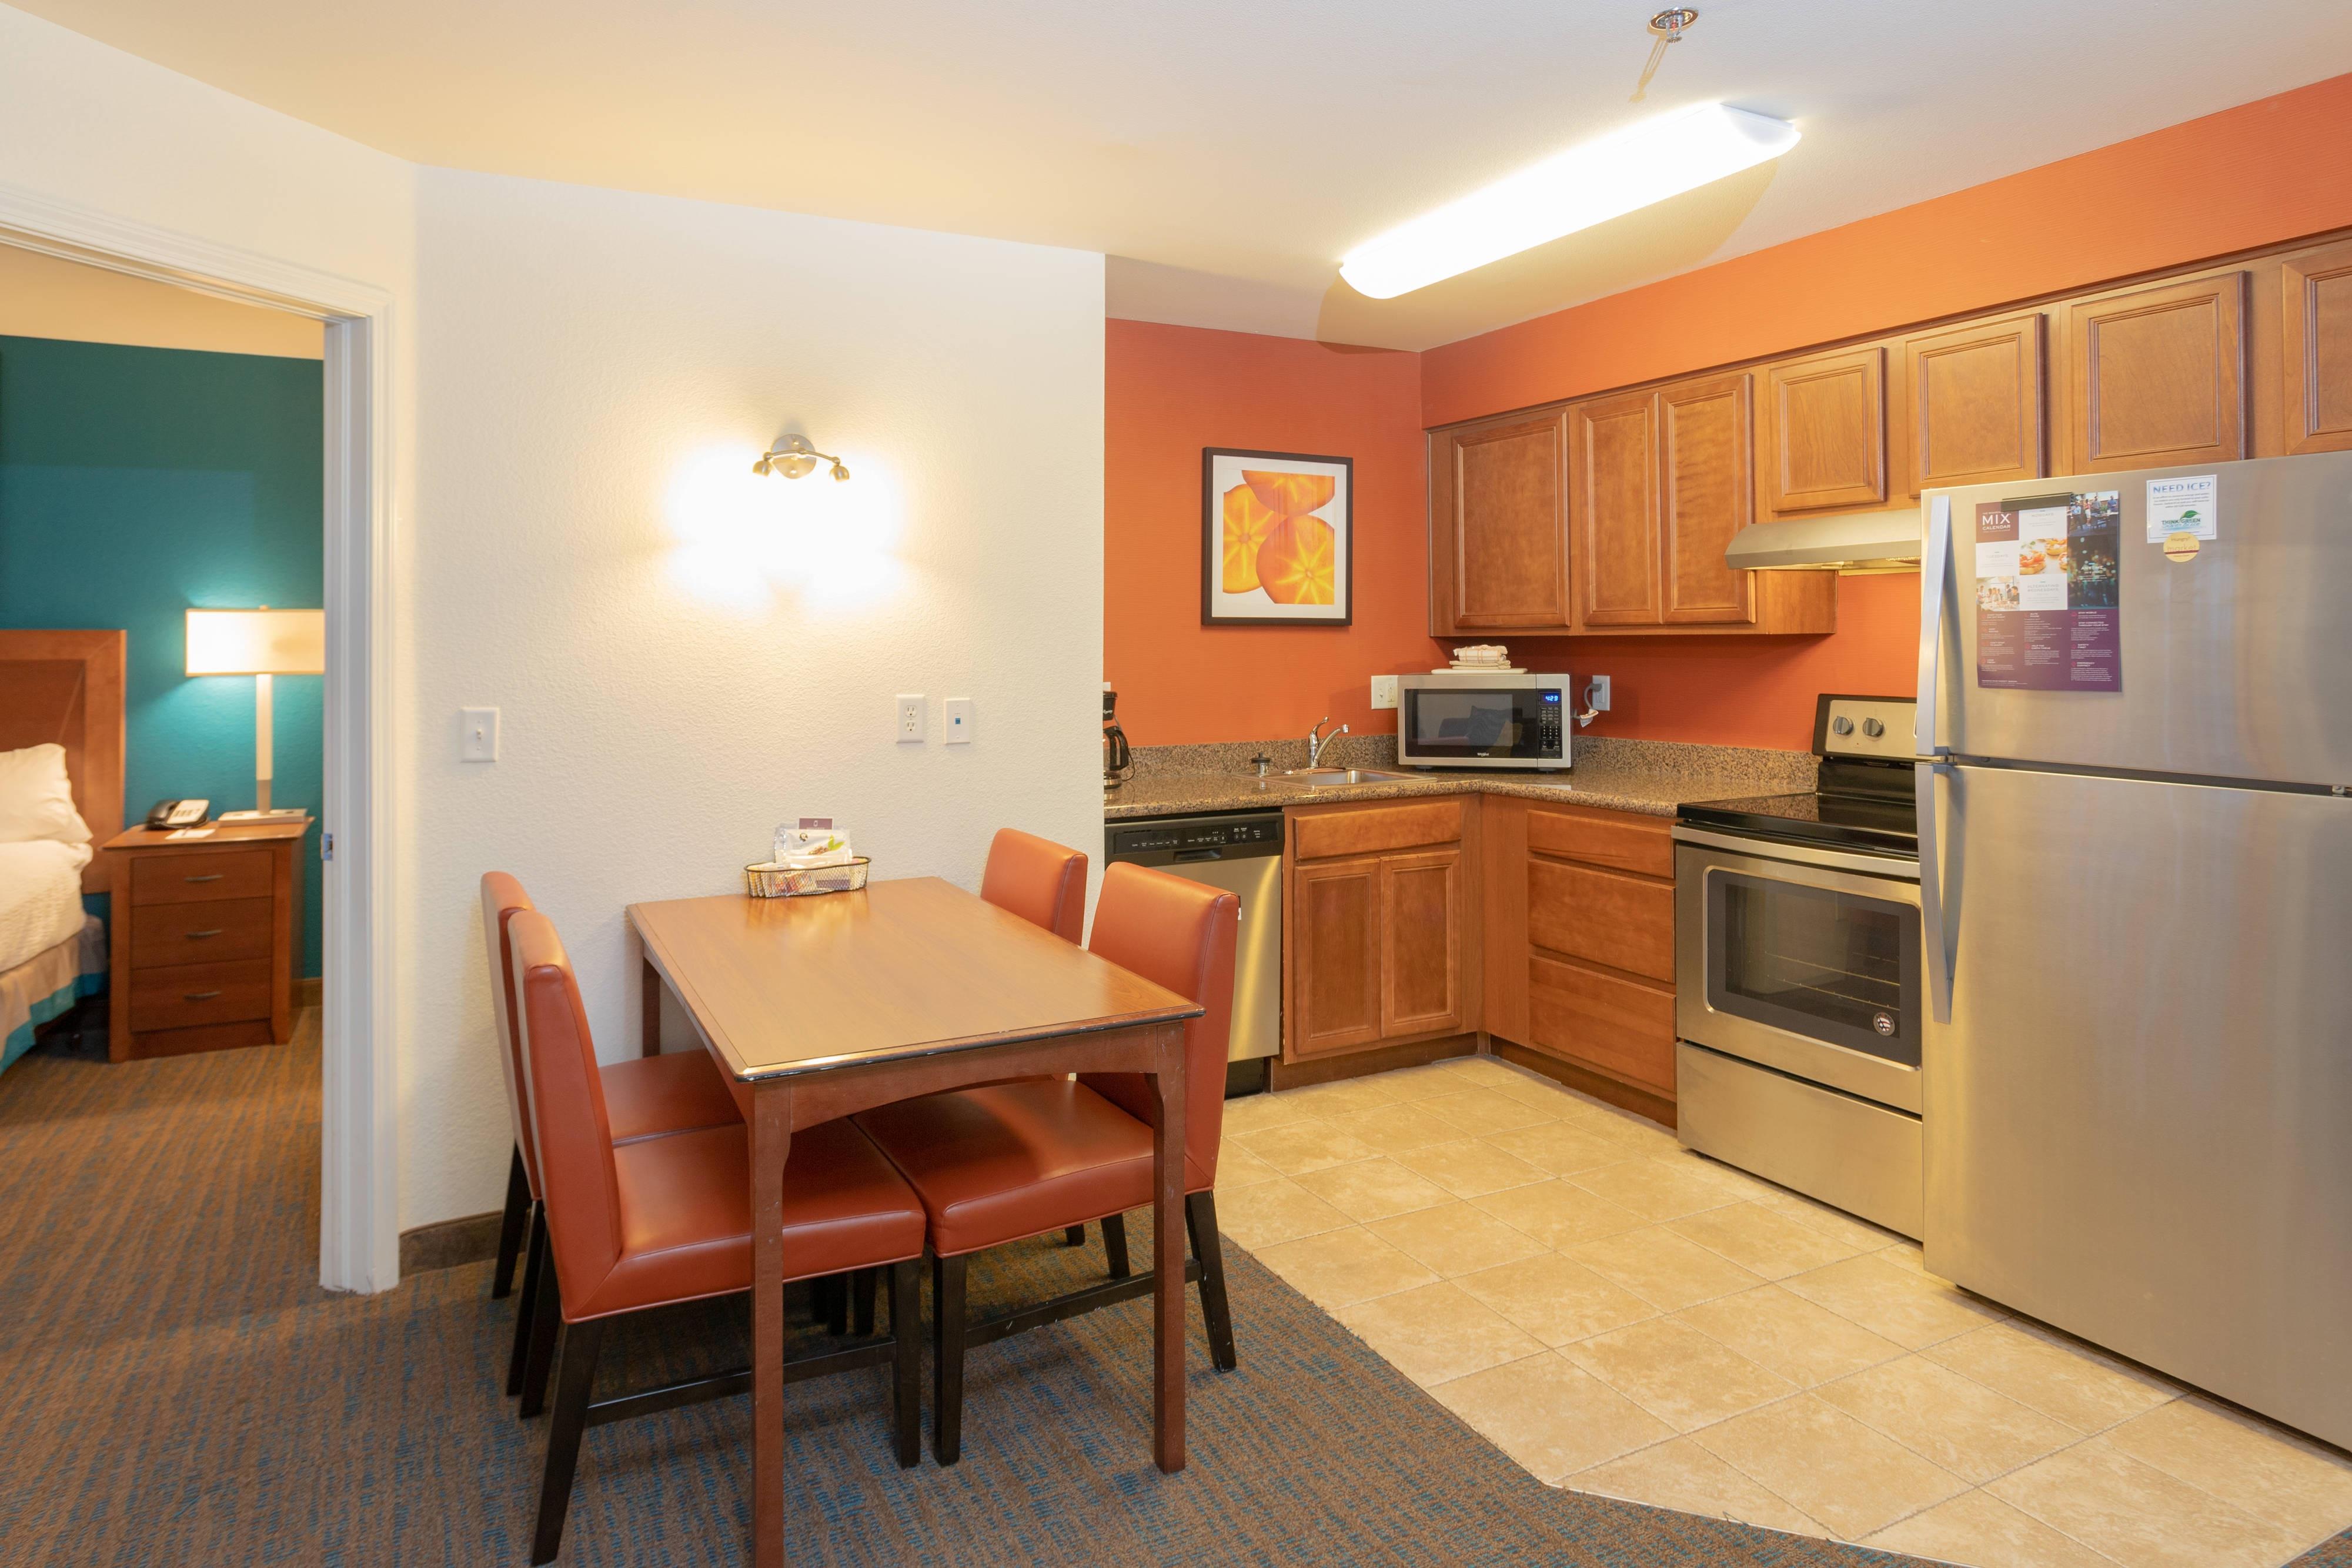 Suite de dos dormitorios - Comedor y cocina